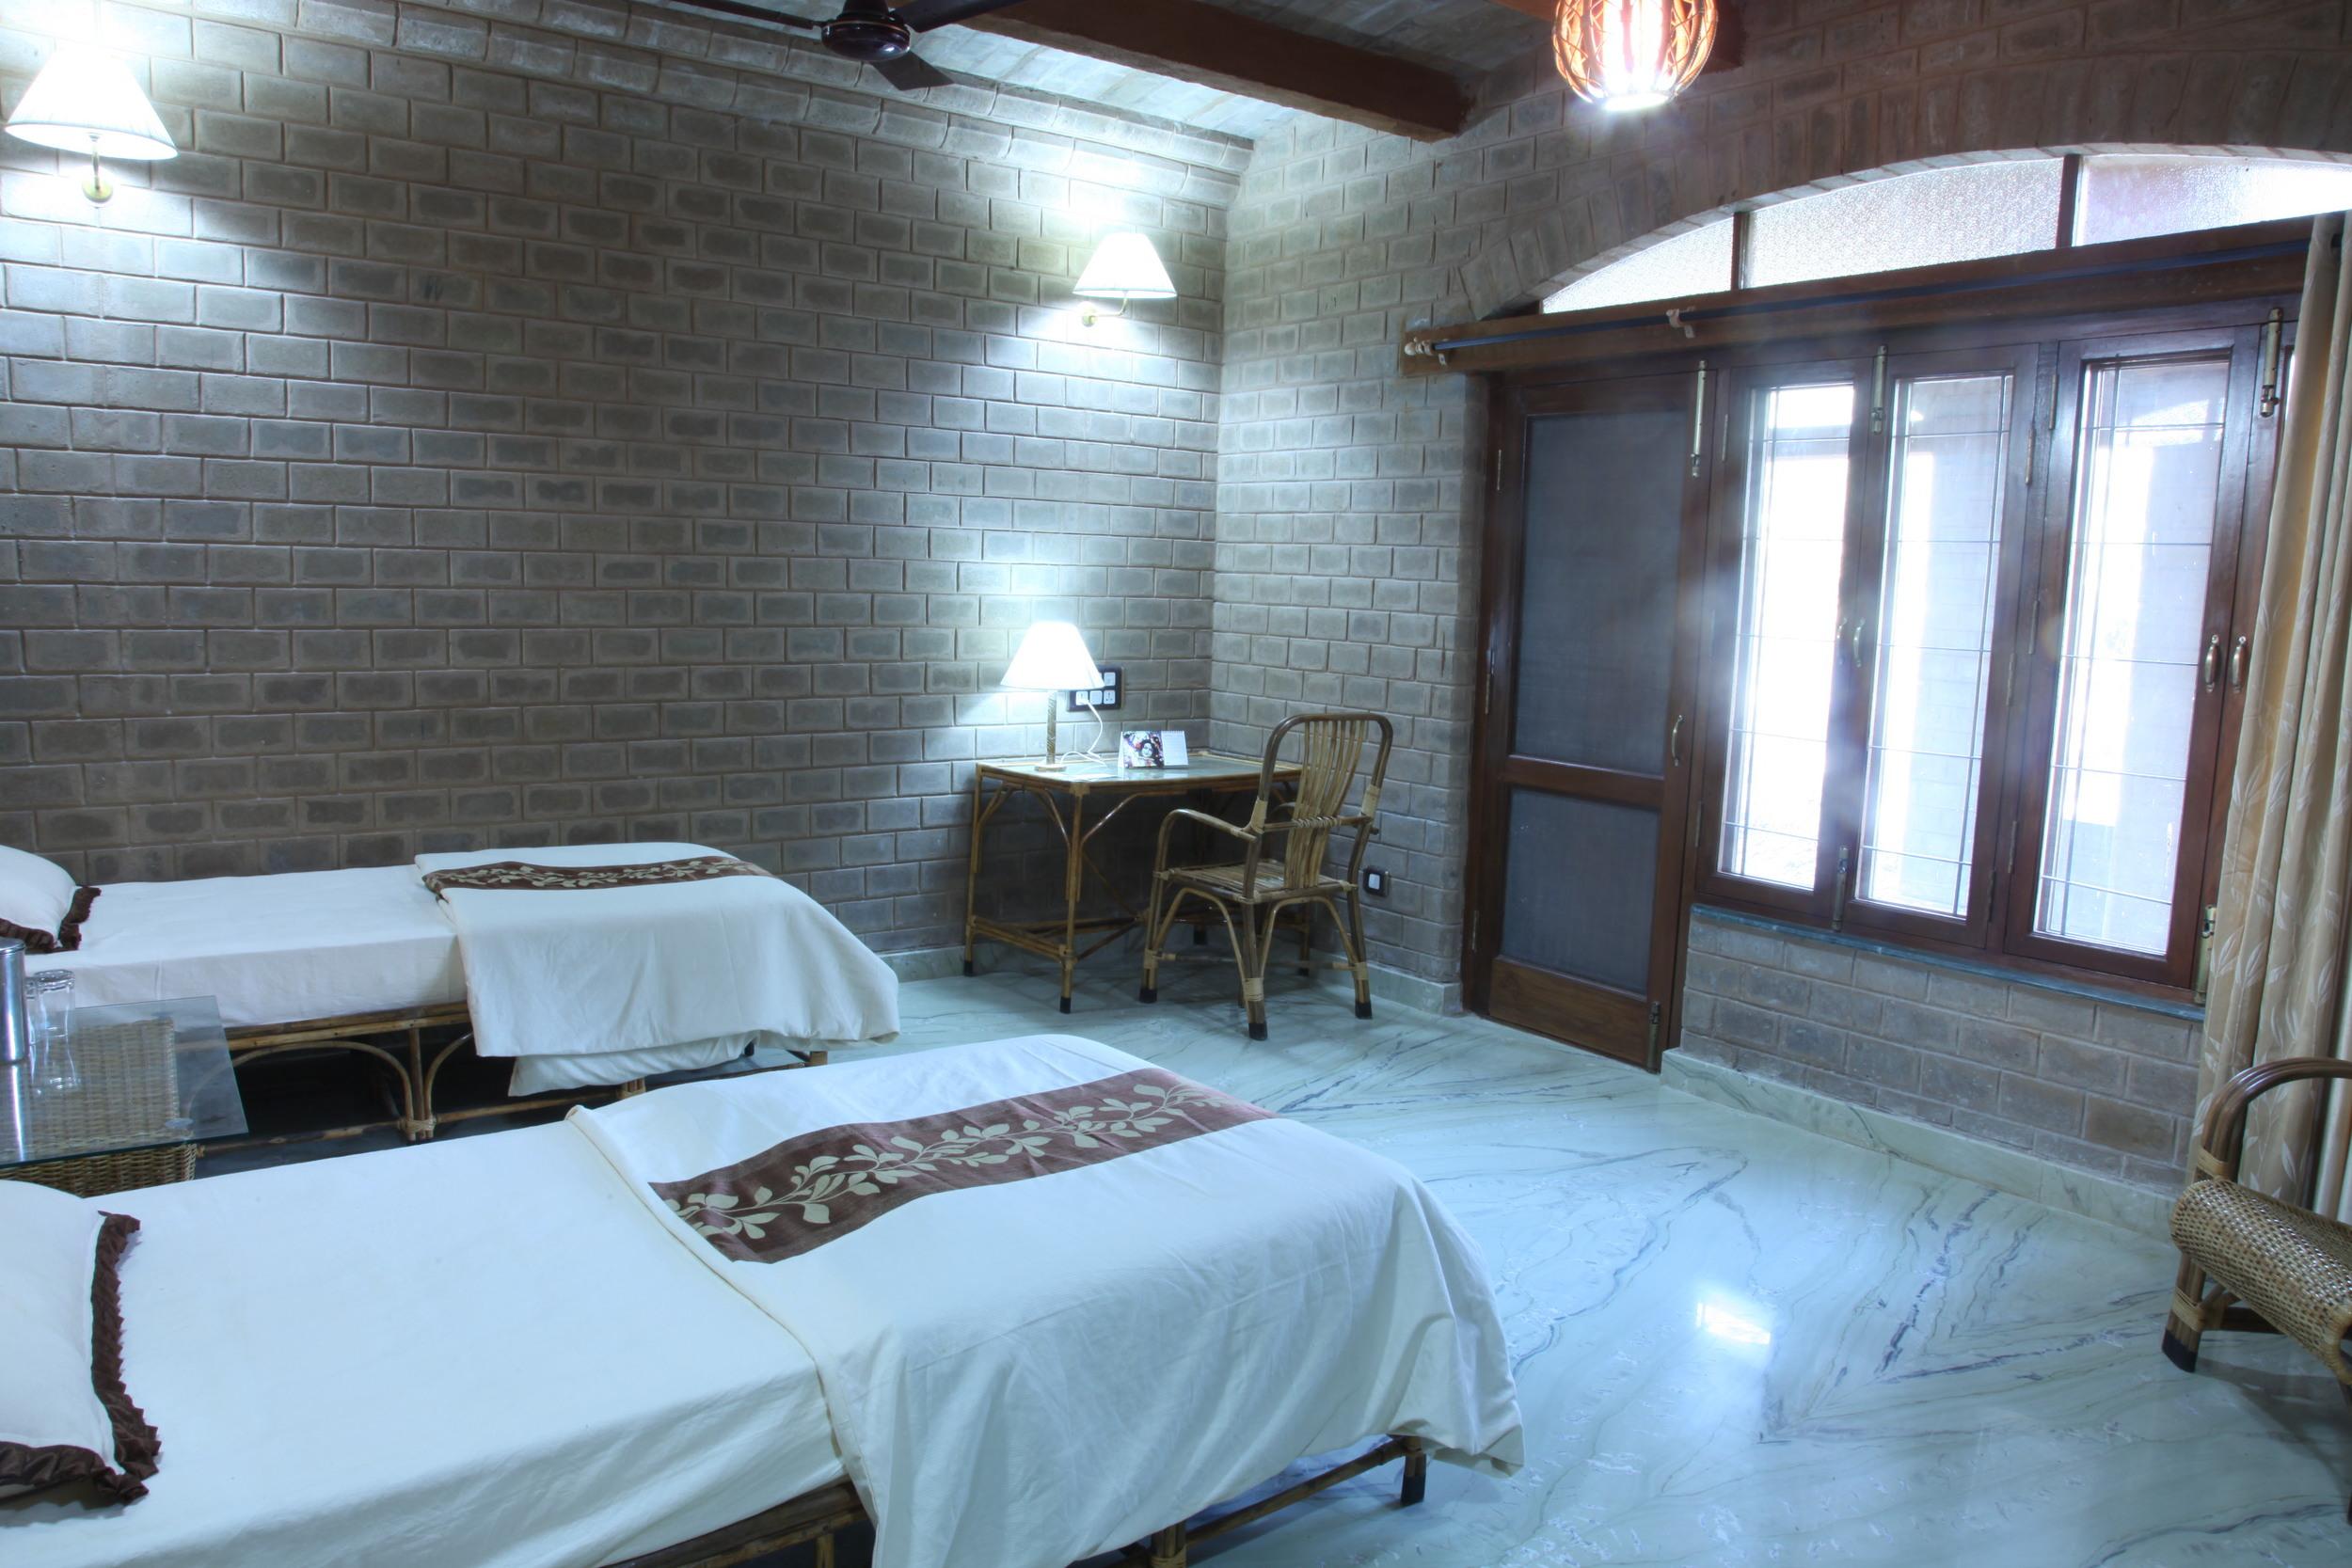 interiors IMG_3007.JPG